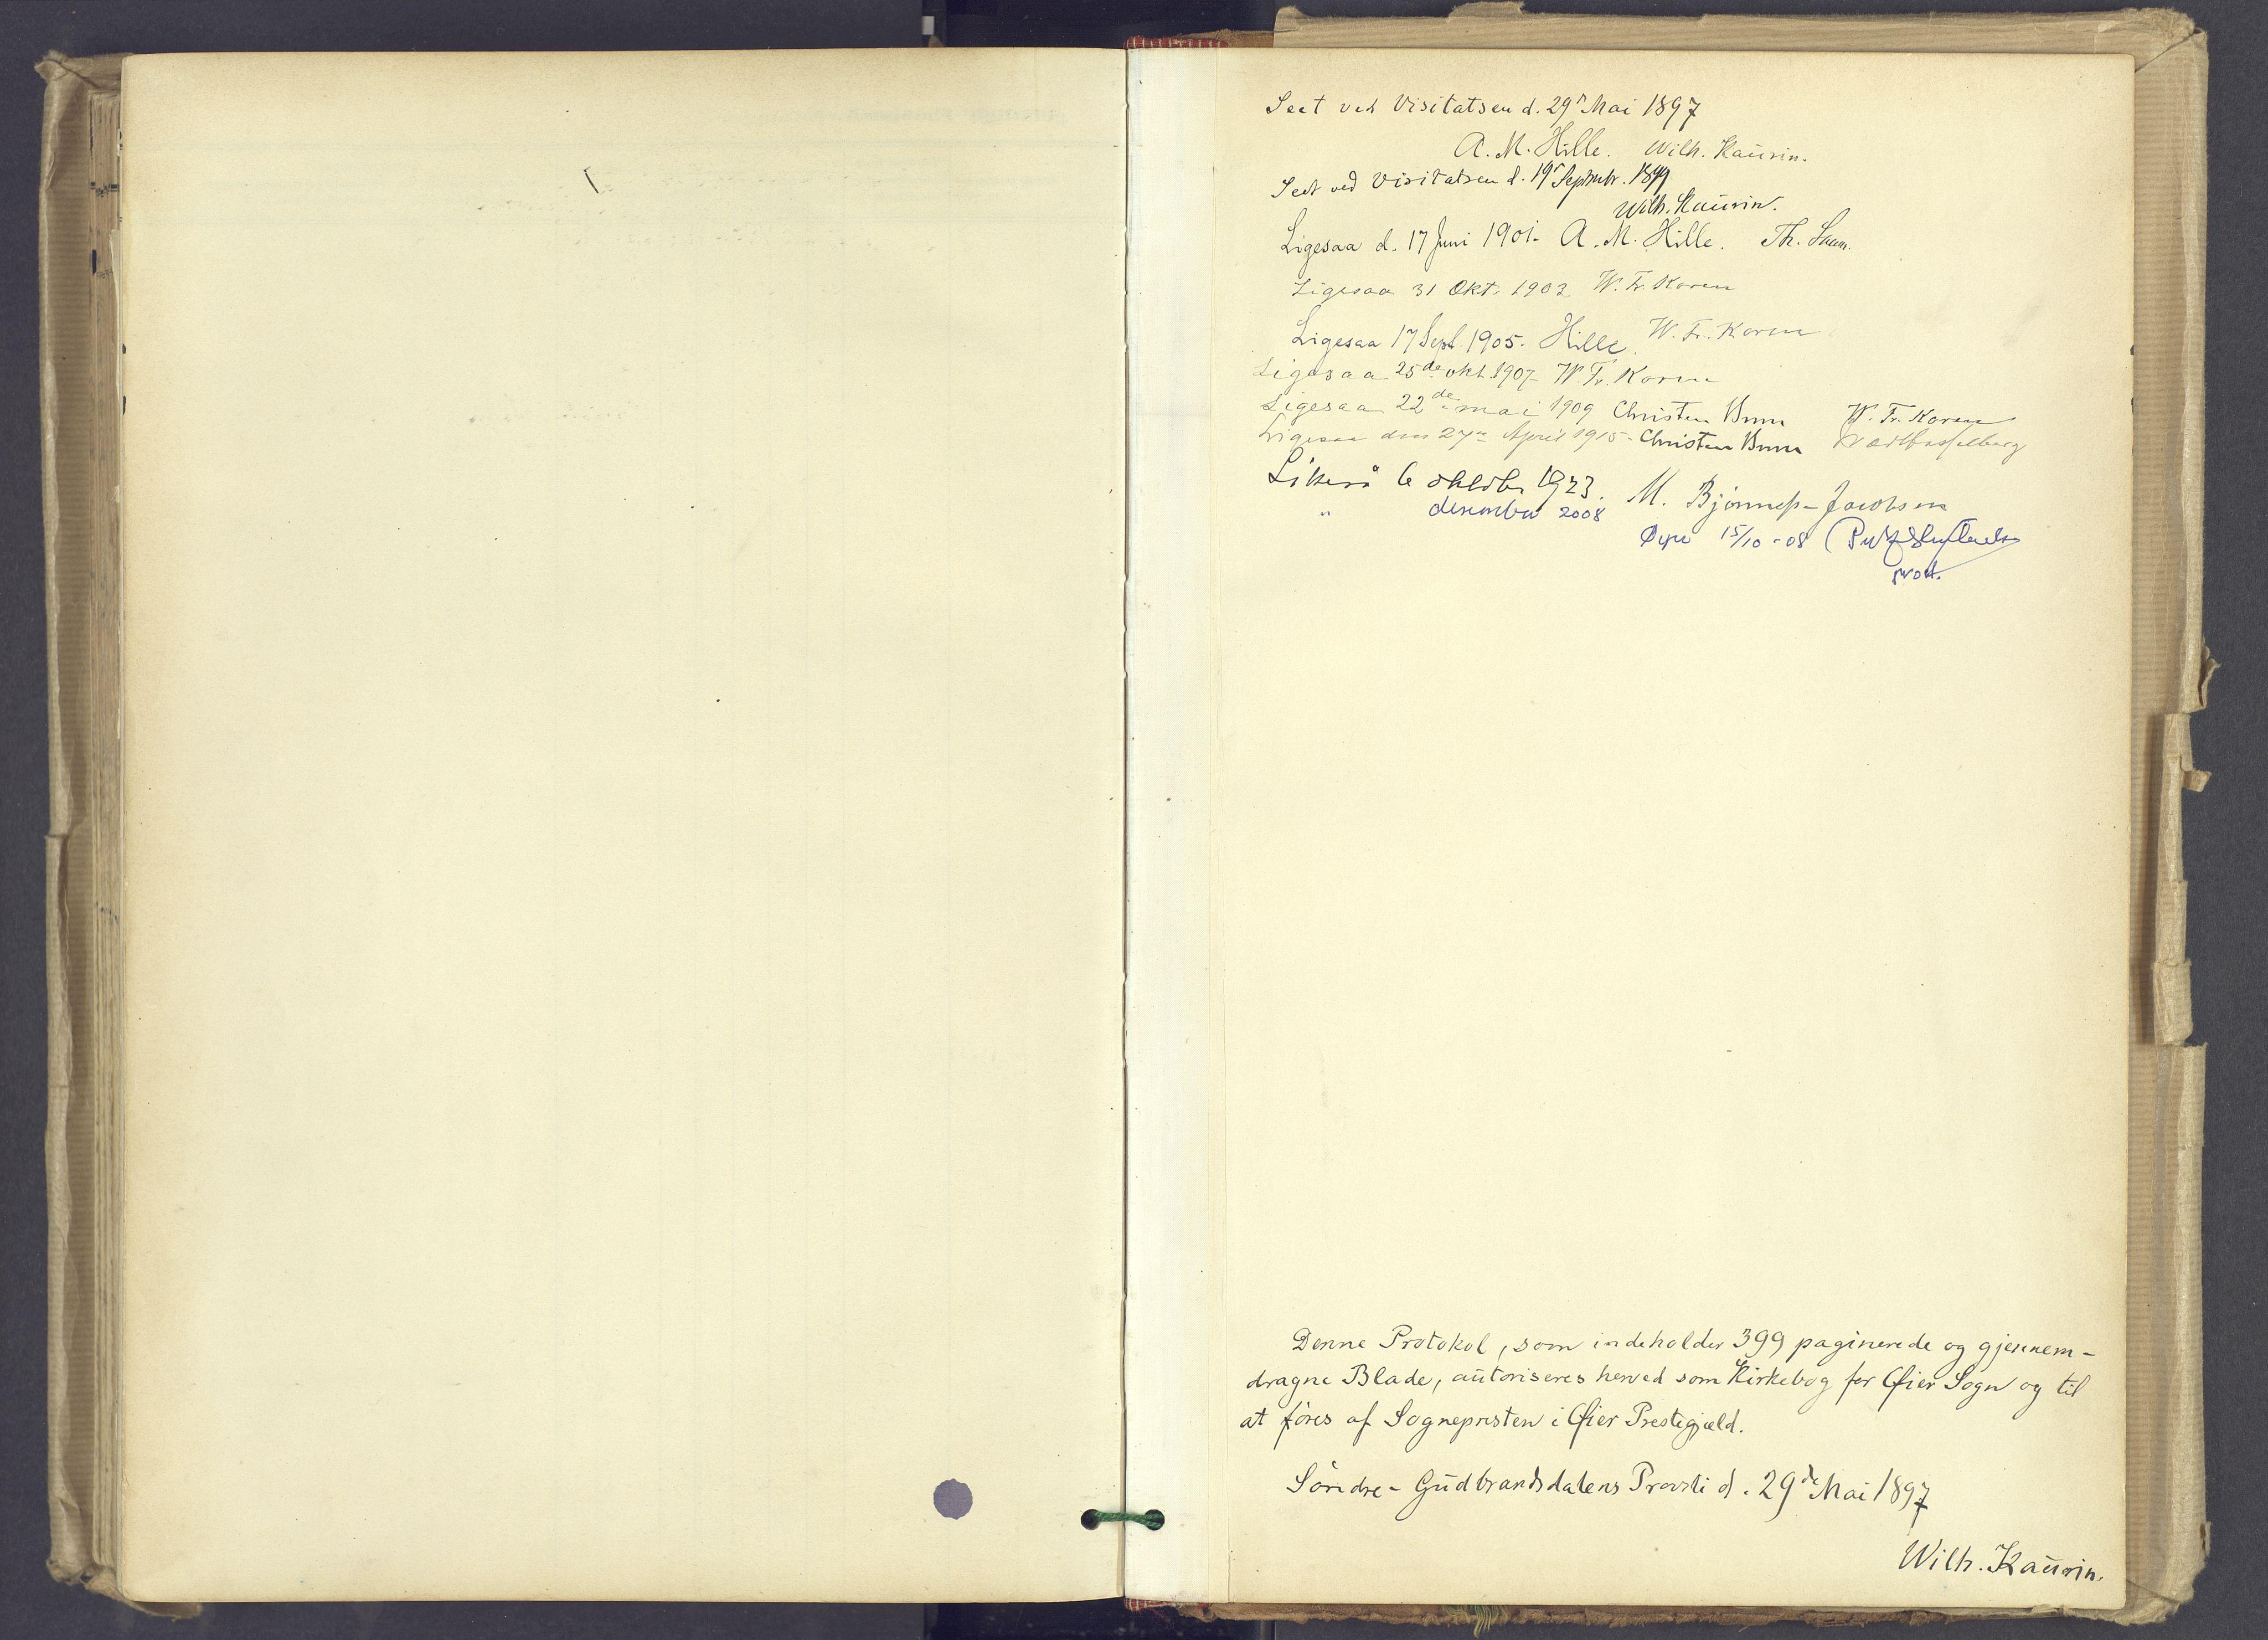 SAH, Øyer prestekontor, Ministerialbok nr. 12, 1897-1920